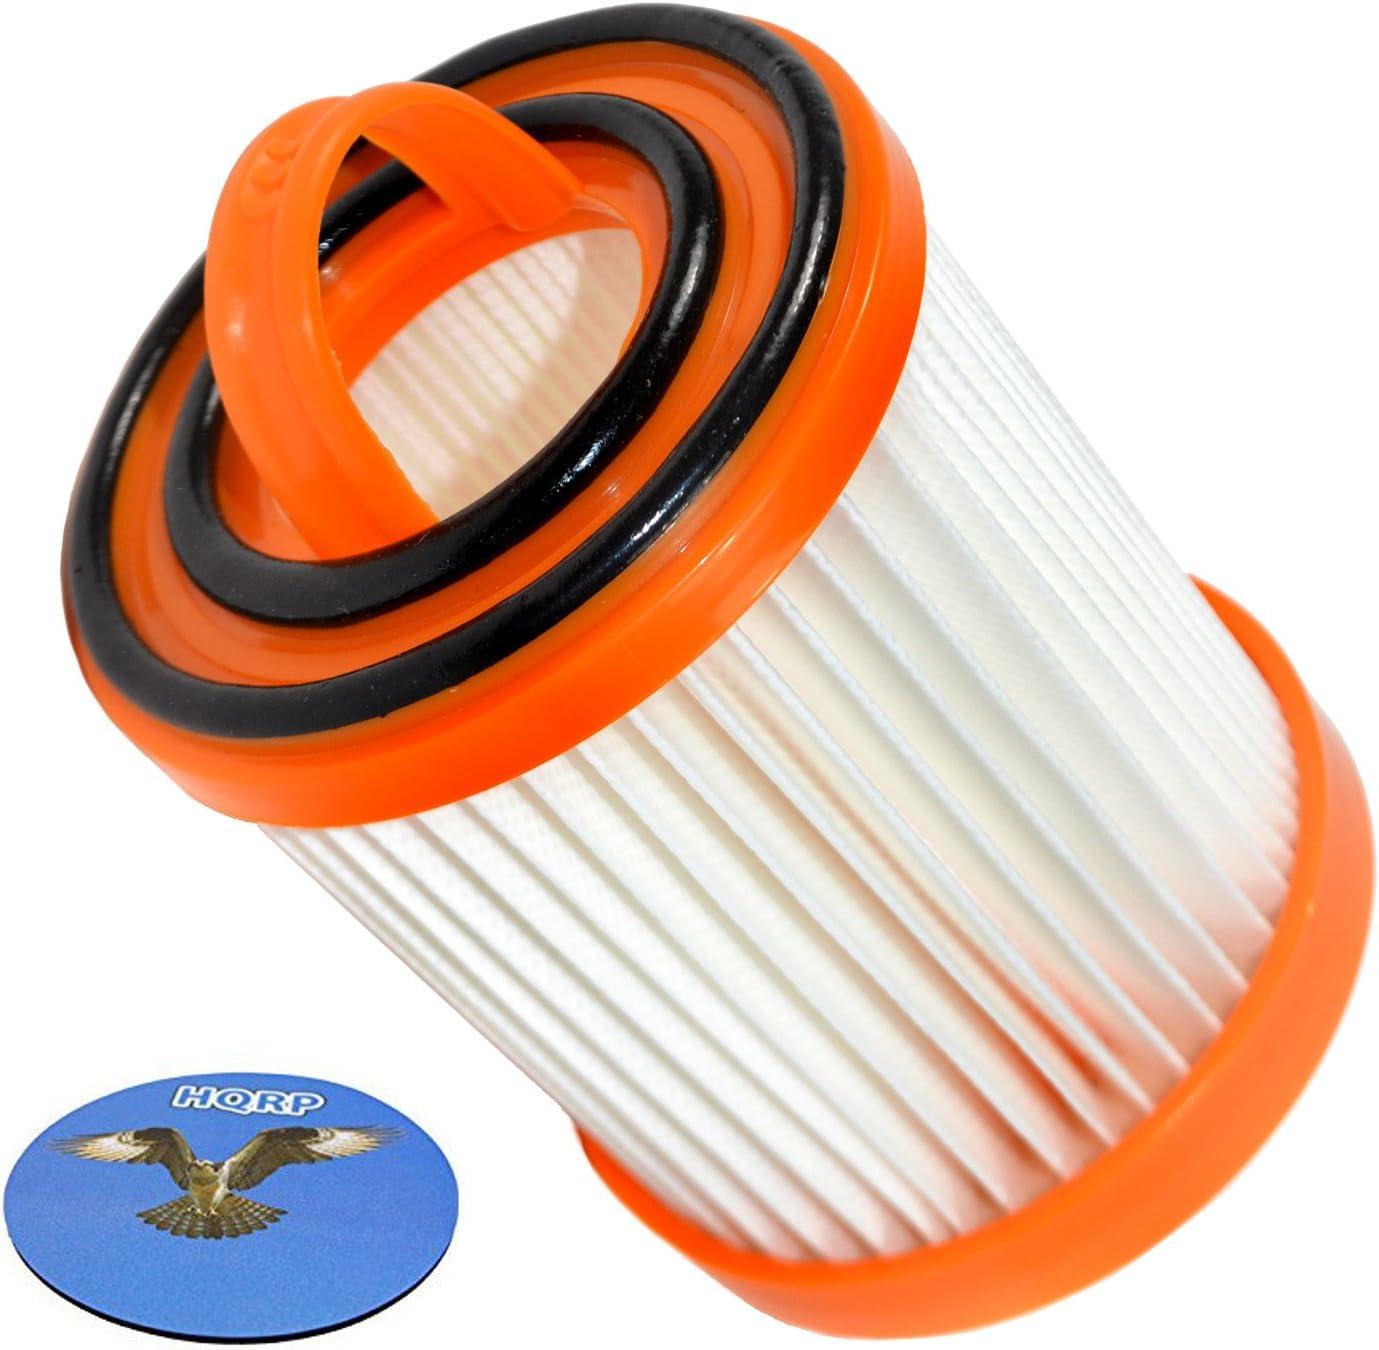 HQRP Dust Cup Filter for Eureka 5844AV, 5844AZ, 5845A, 5845AH, 5846AH, 5847AV, 5847AZ, 5847BV, 5848AV, 5848AVZ, 5849A, 5849E Litespeed Whirlwind Bagless Vacuum Cleaners Coaster